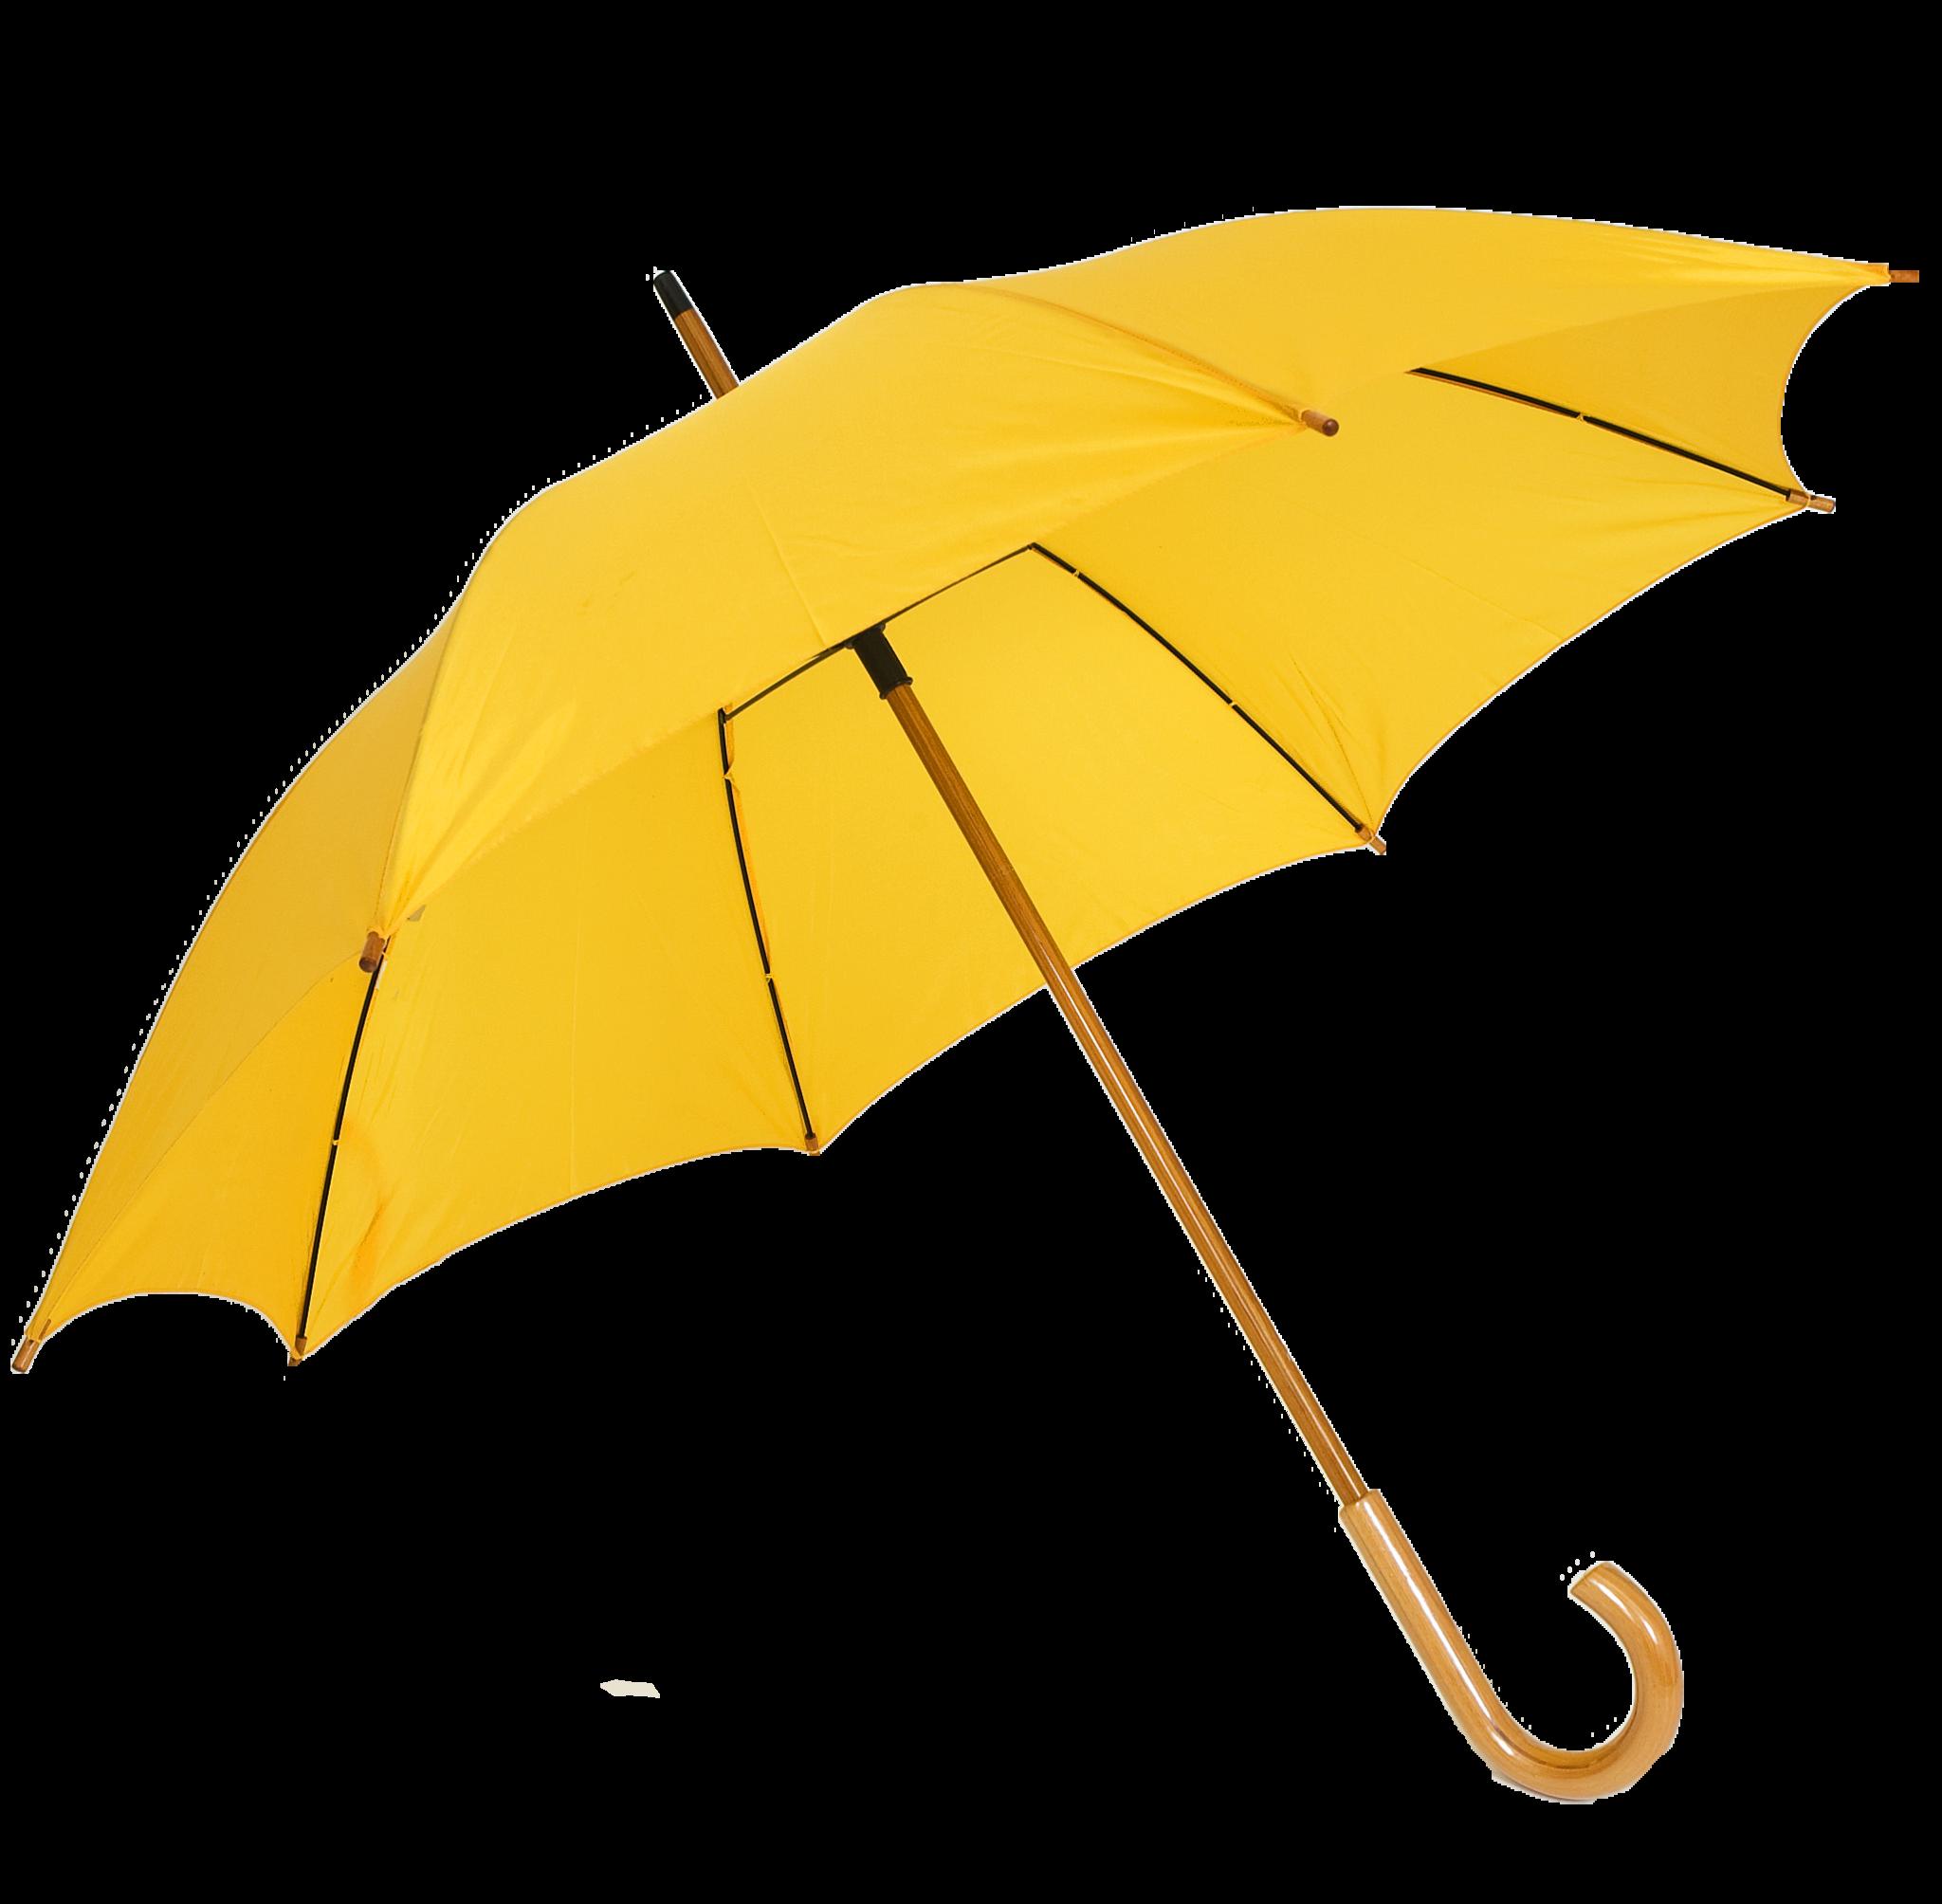 Umbrella Png PNG Image - Umbrella HD PNG